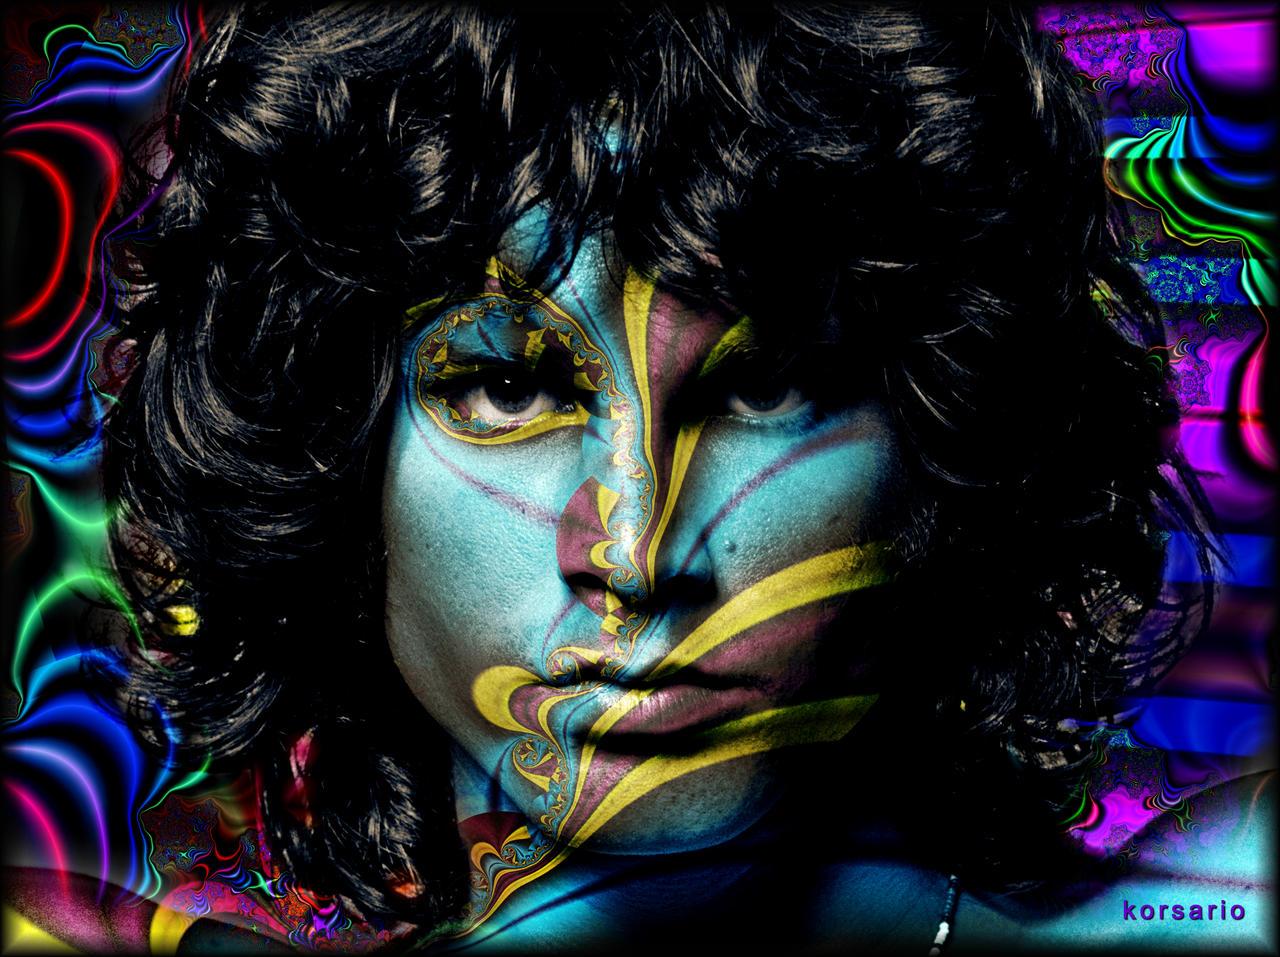 The spirit of Jim Morrison